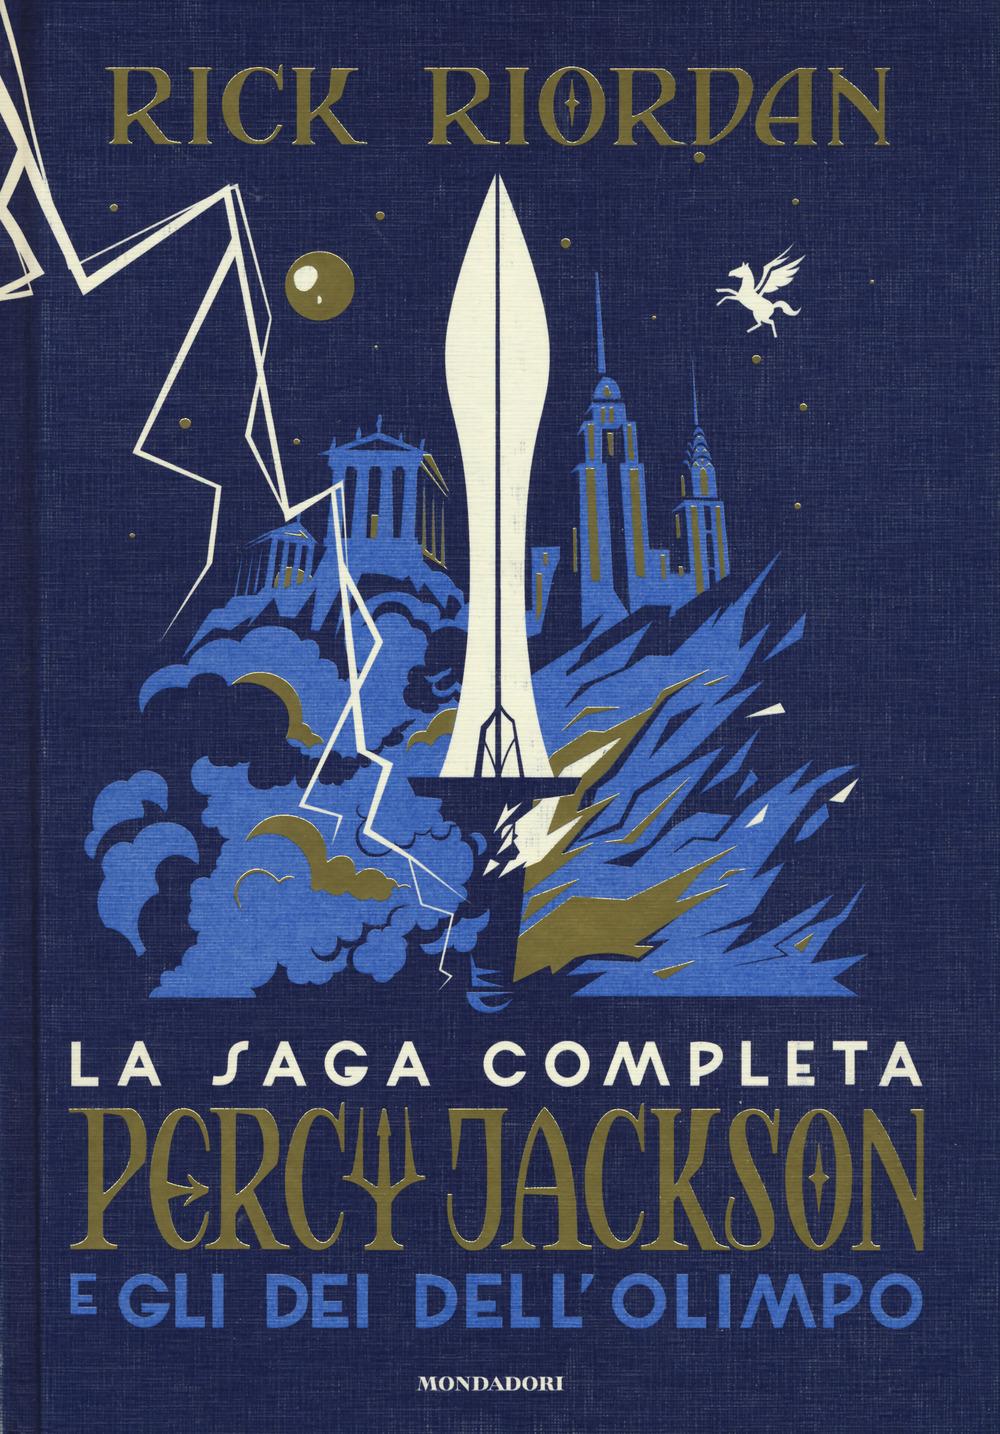 Percy Jackson e gli dei dell'Olimpo. La saga completa